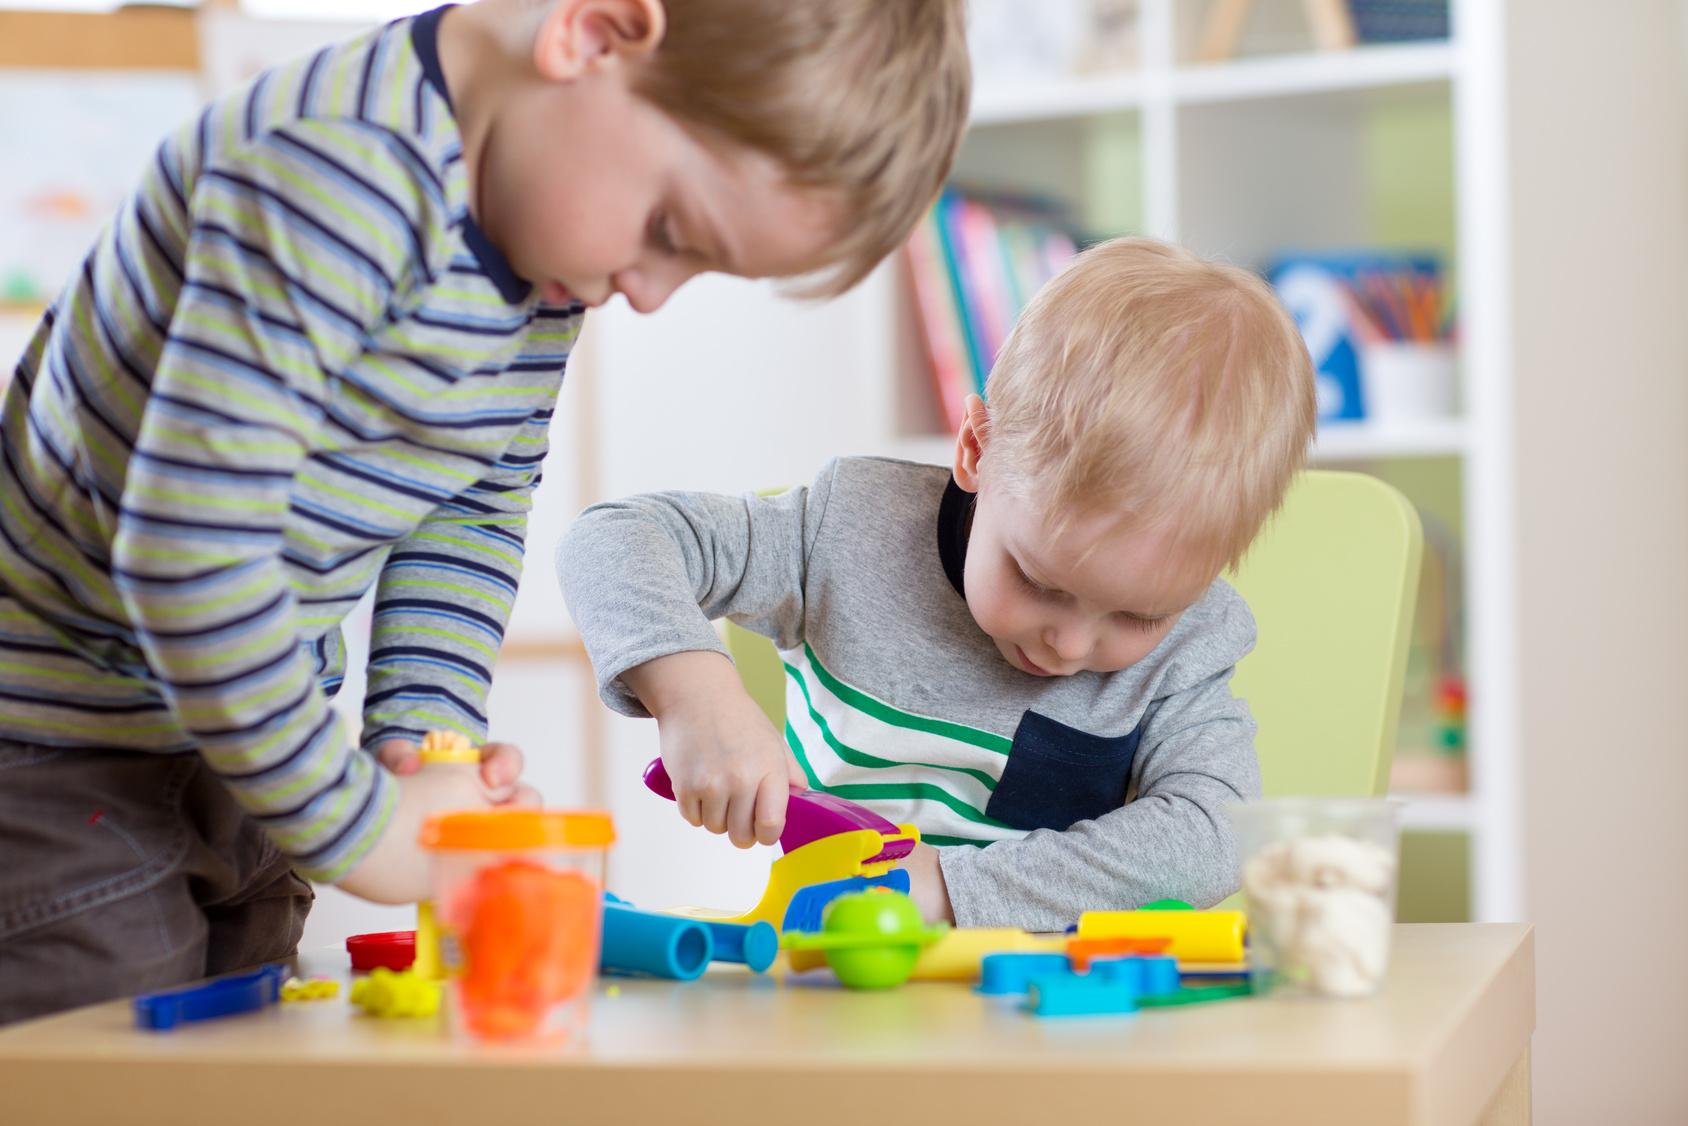 12 Activités Psychomotrices Pour Les 0-3 Ans - Nanny Secours tout Jeux Pour Un Enfant De 3 Ans